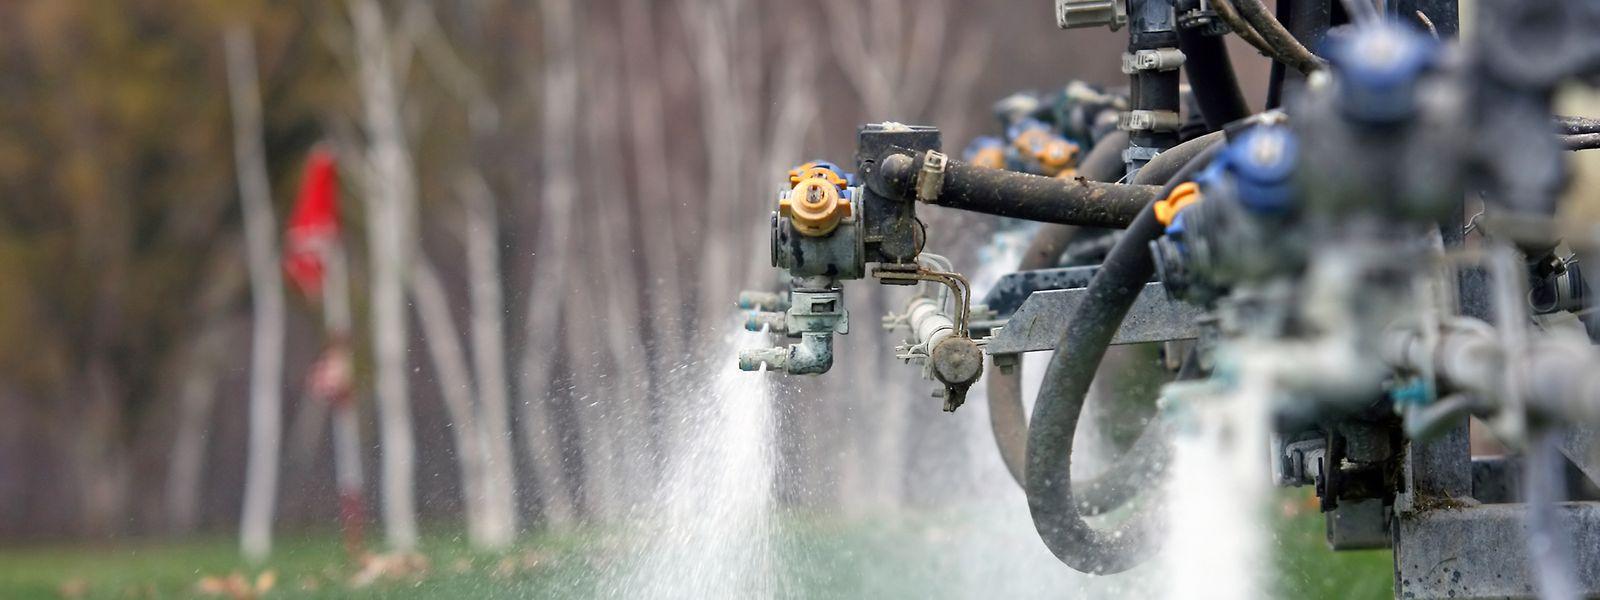 Ab 1. Januar 2021 wird kontrolliert, ob sich die Betriebe an das Glyphosatverbot halten oder nicht.